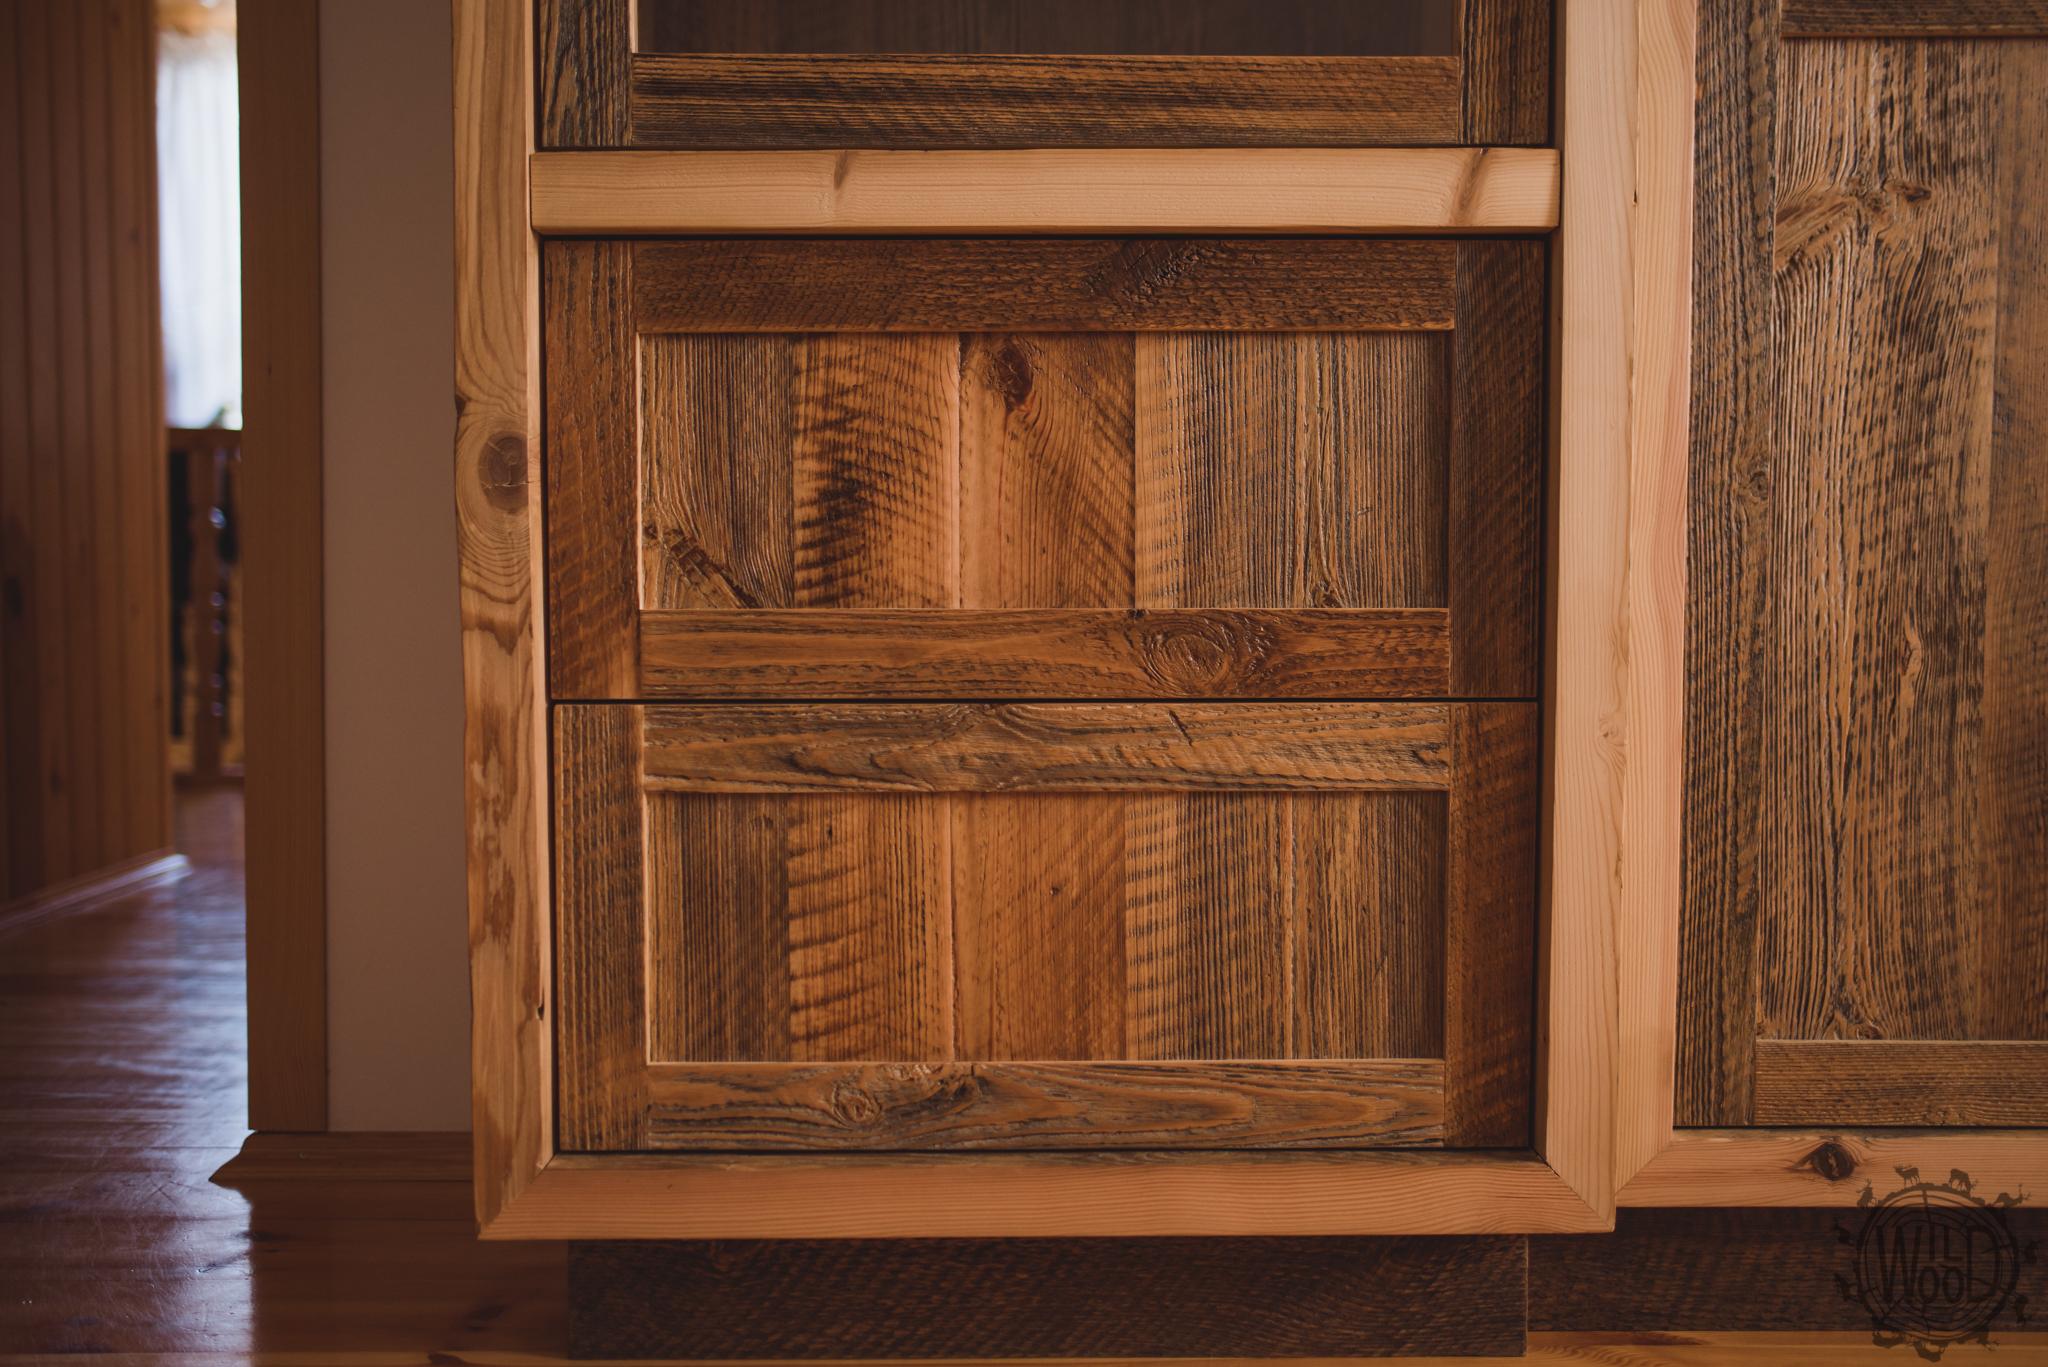 stolarz białystok, nietypowe meble białystok, usługi stolarskie podlaskie, wildwood, usługi stolarskie białystok, stolarz podlaskie, meble ze starego drewna, meble do salonu białystok knyszyn